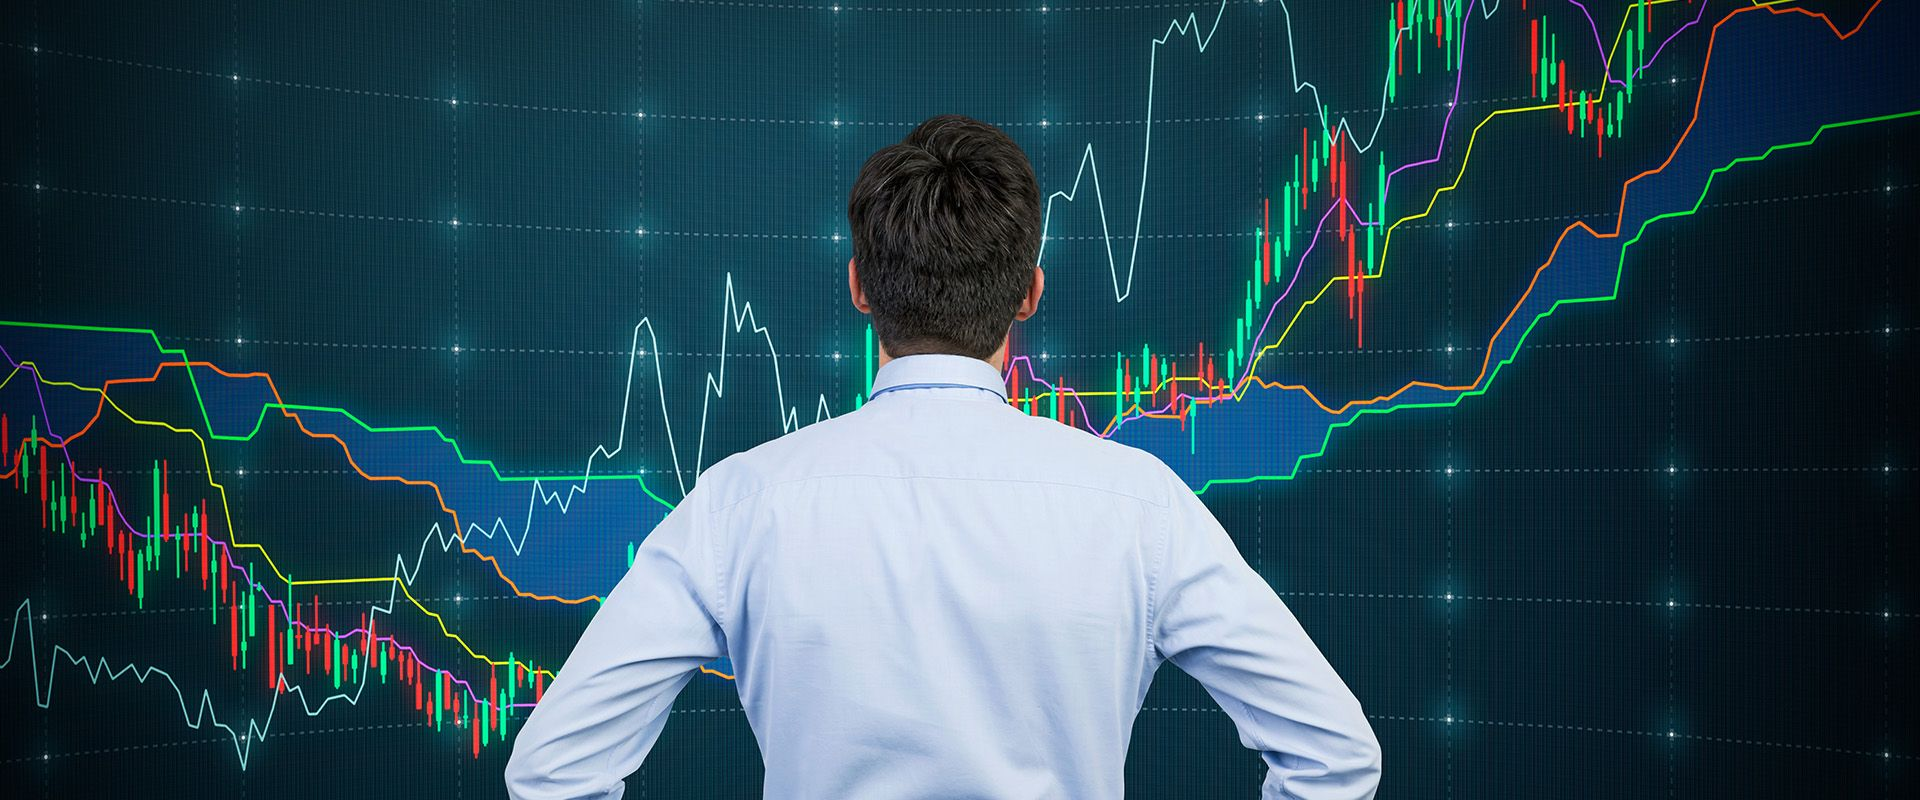 2018券商投行IPO业务实力图谱出炉!整体保荐收入降七成!看六大榜单